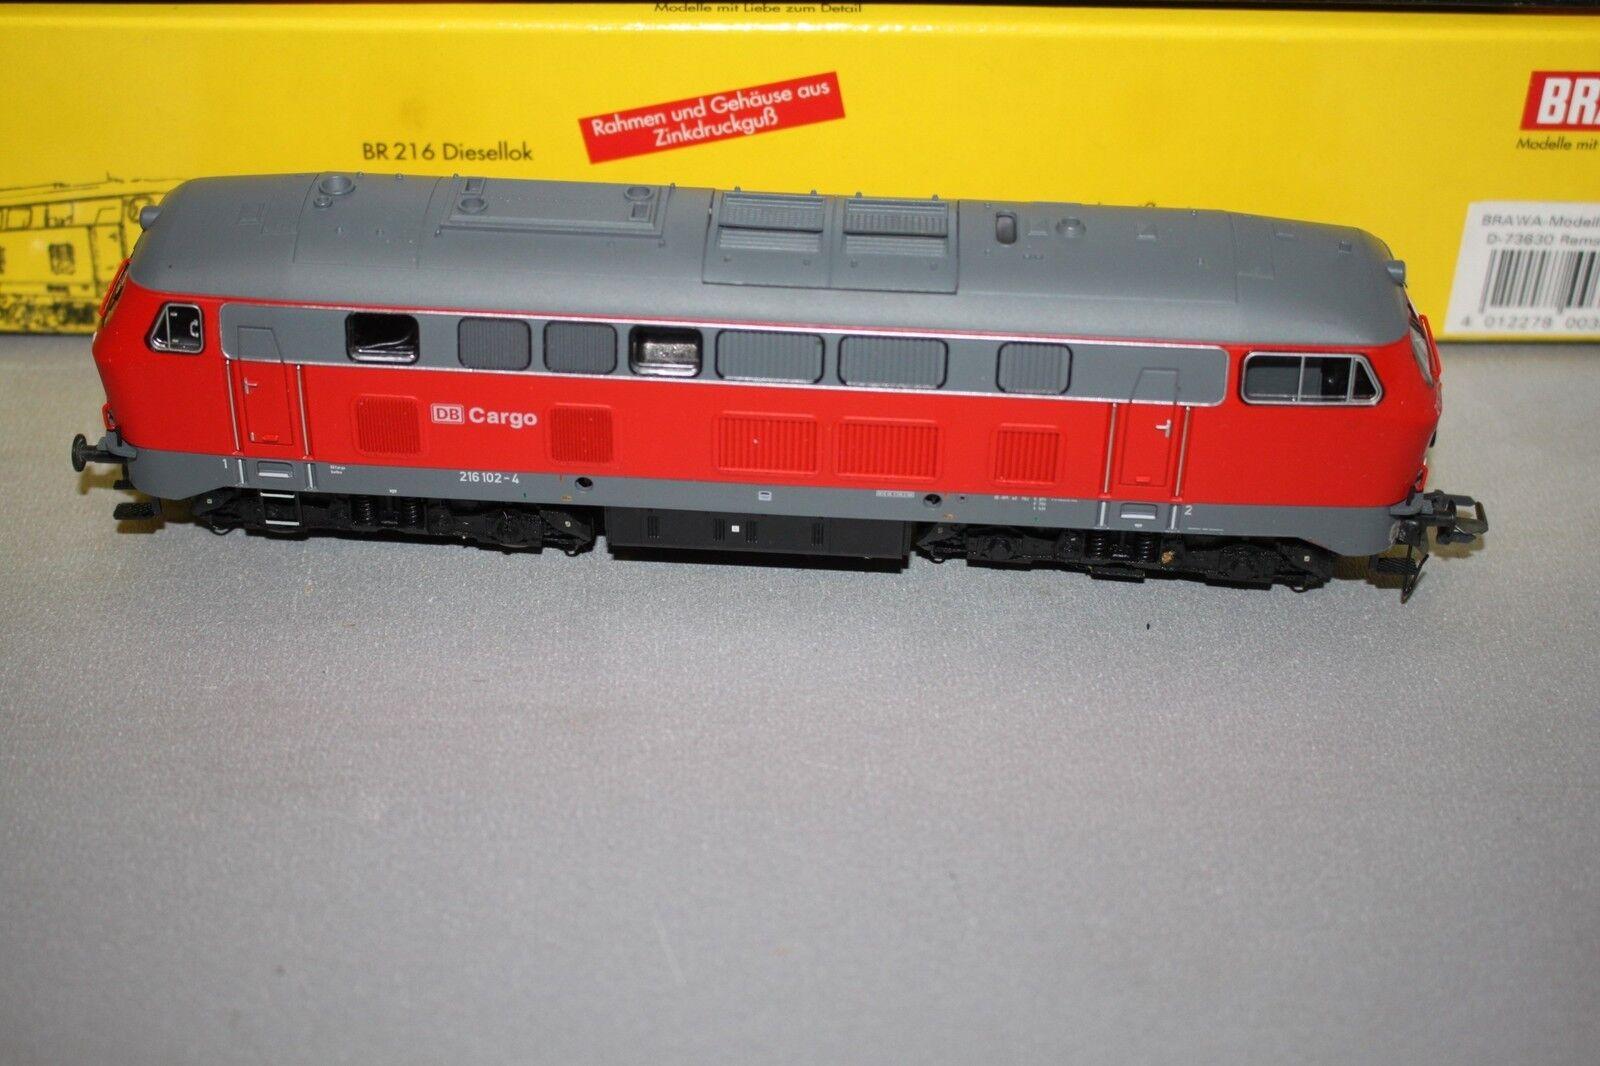 ビーワ0384ディーゼル機関車216シリーズ102 - 4 DB貨物DSSスケールH 0 EMB。オリグ